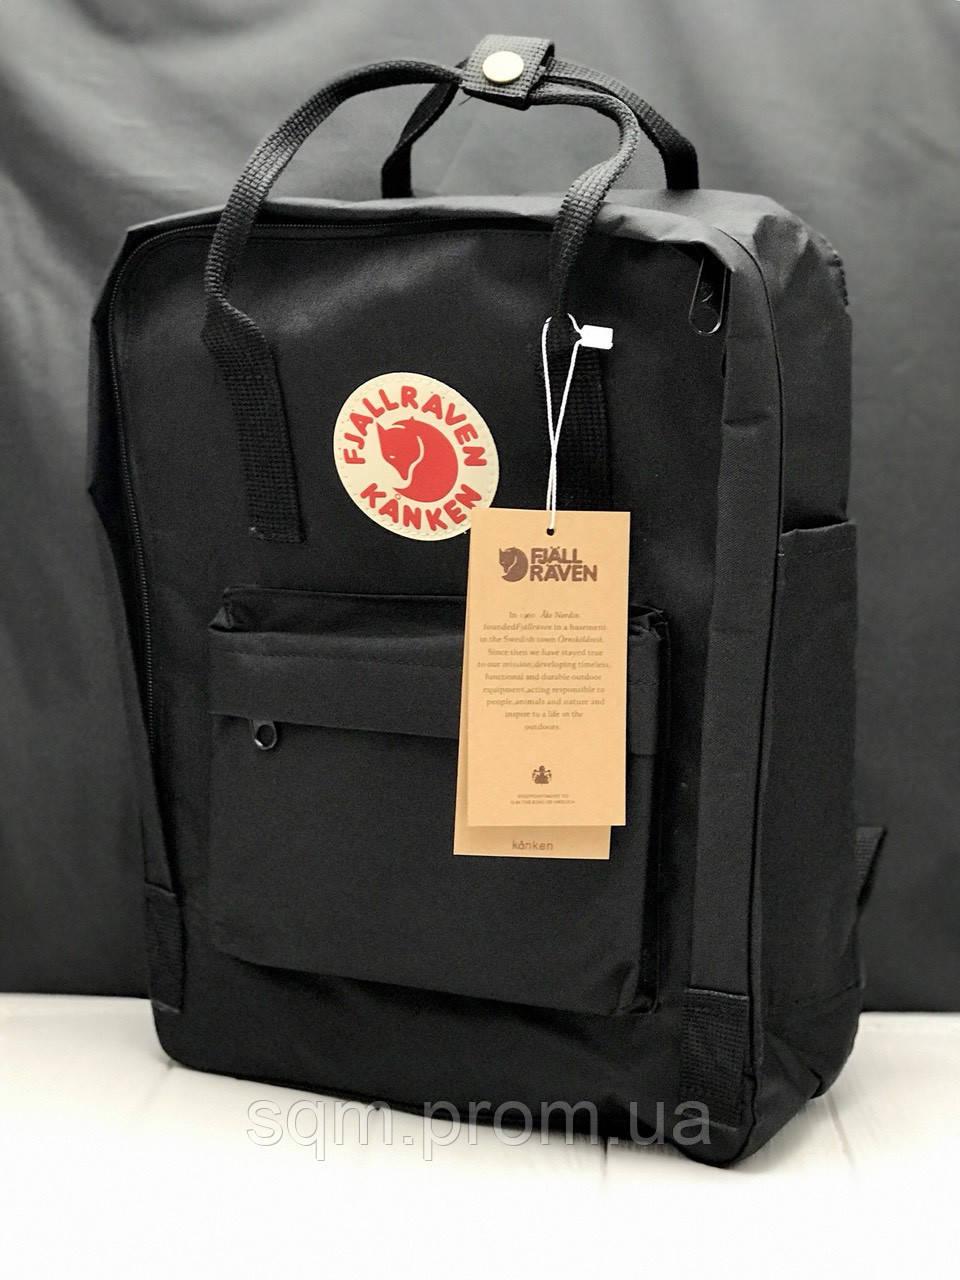 f1eb8c76af43 Рюкзак Канкен сумка портфель Kanken Fjallraven Classic текстиль  рефлективное лого 8 цветов 16л реплика Черный